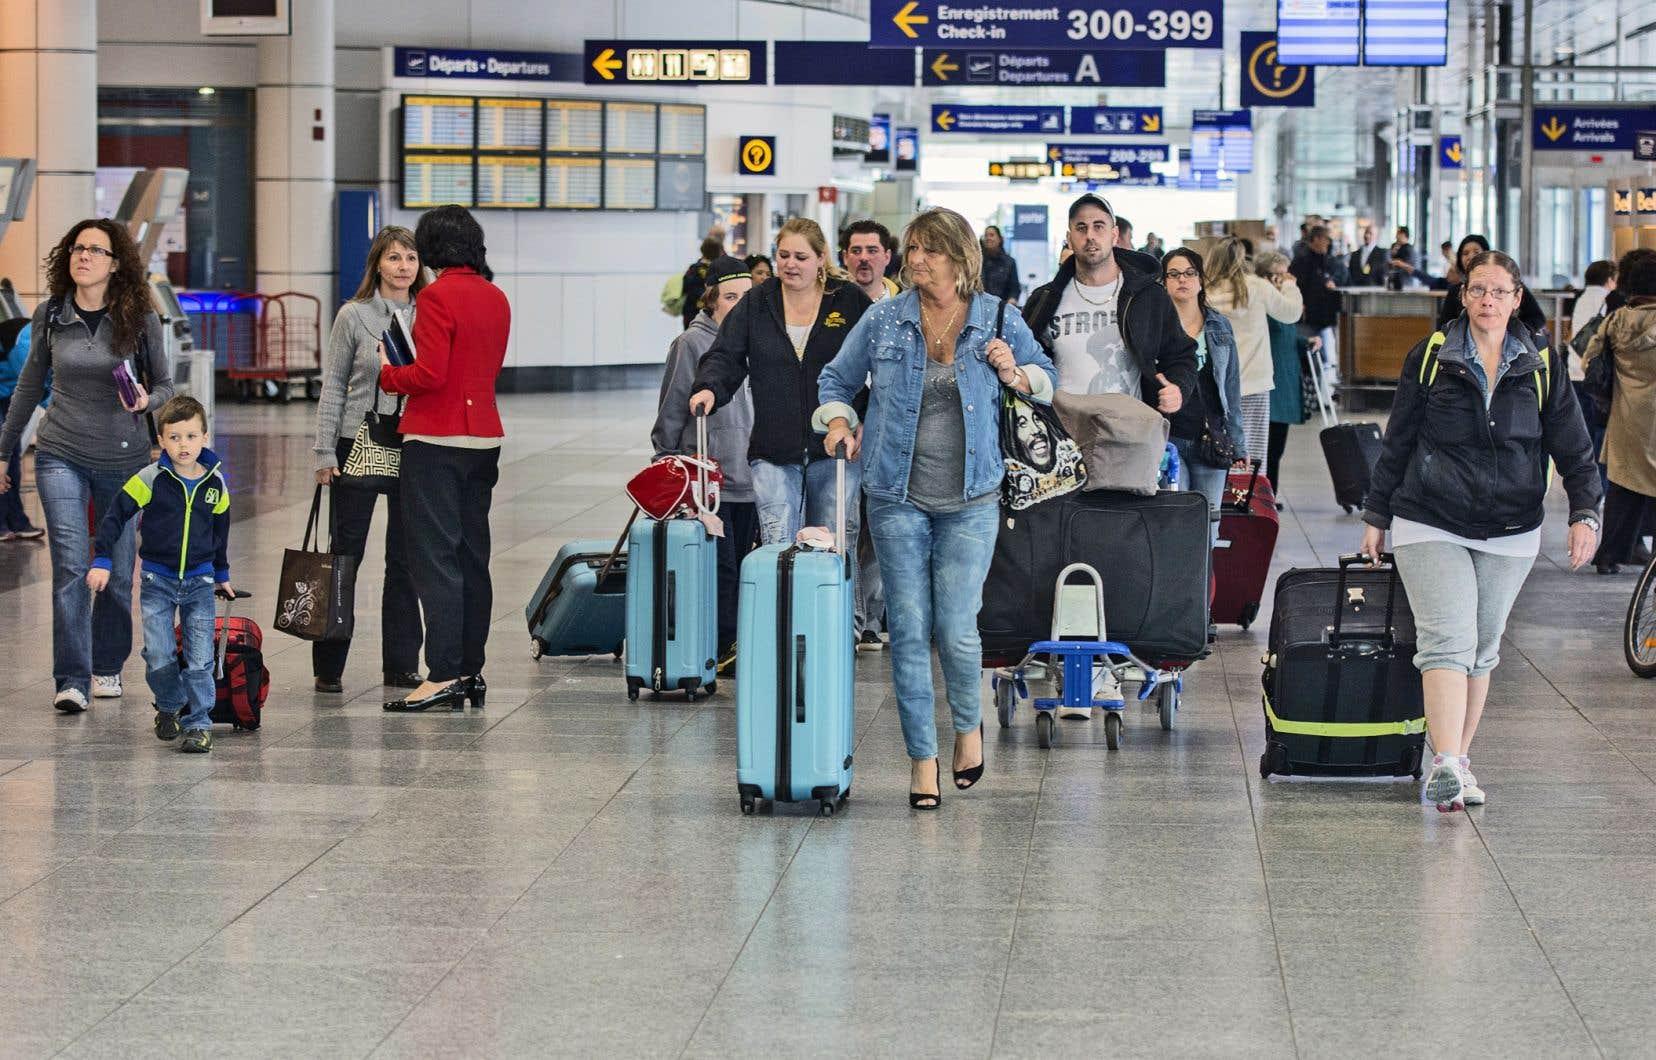 En janvier, le trafic passagers à l'échelle mondiale était en hausse de 6,5% par rapport au mois correspondant de 2018.